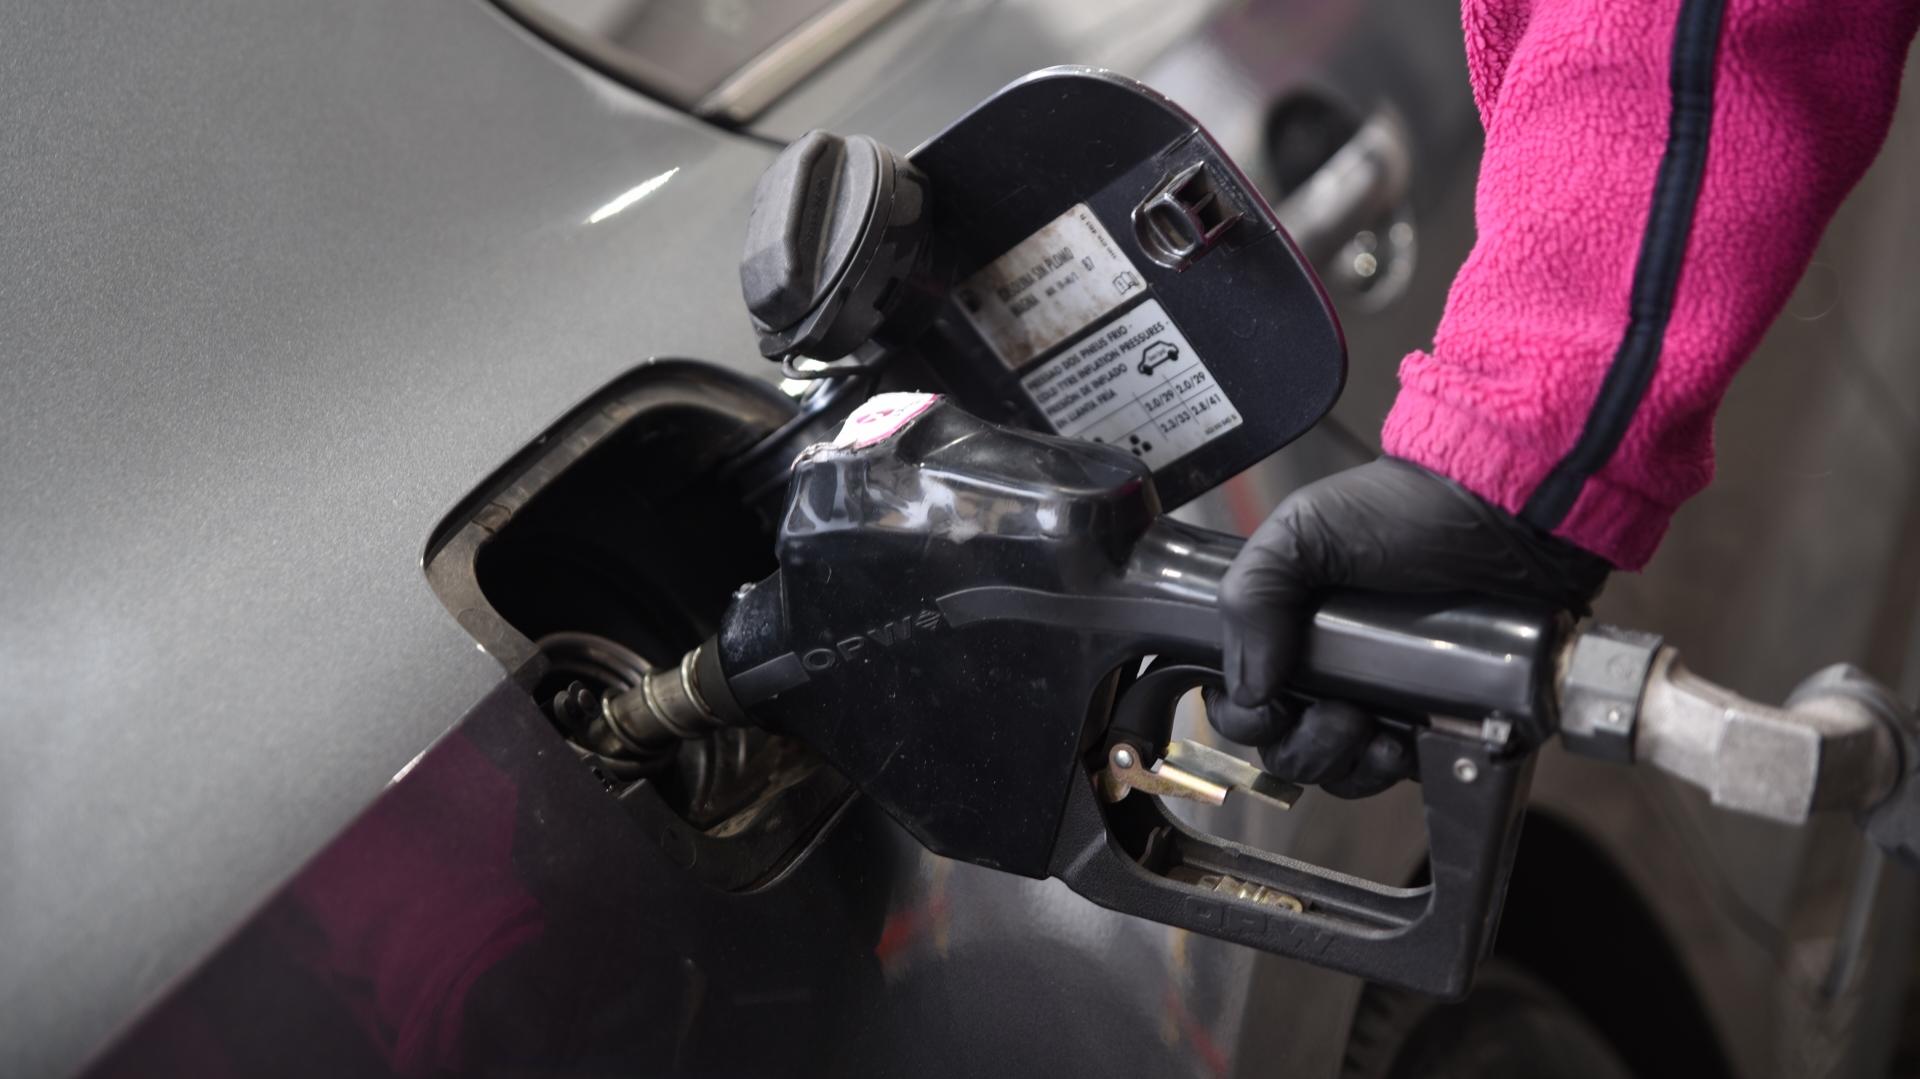 Las naftas bajan 3,2% tras haber subido 7% en los últimos días (Foto: Manuel Cortina)